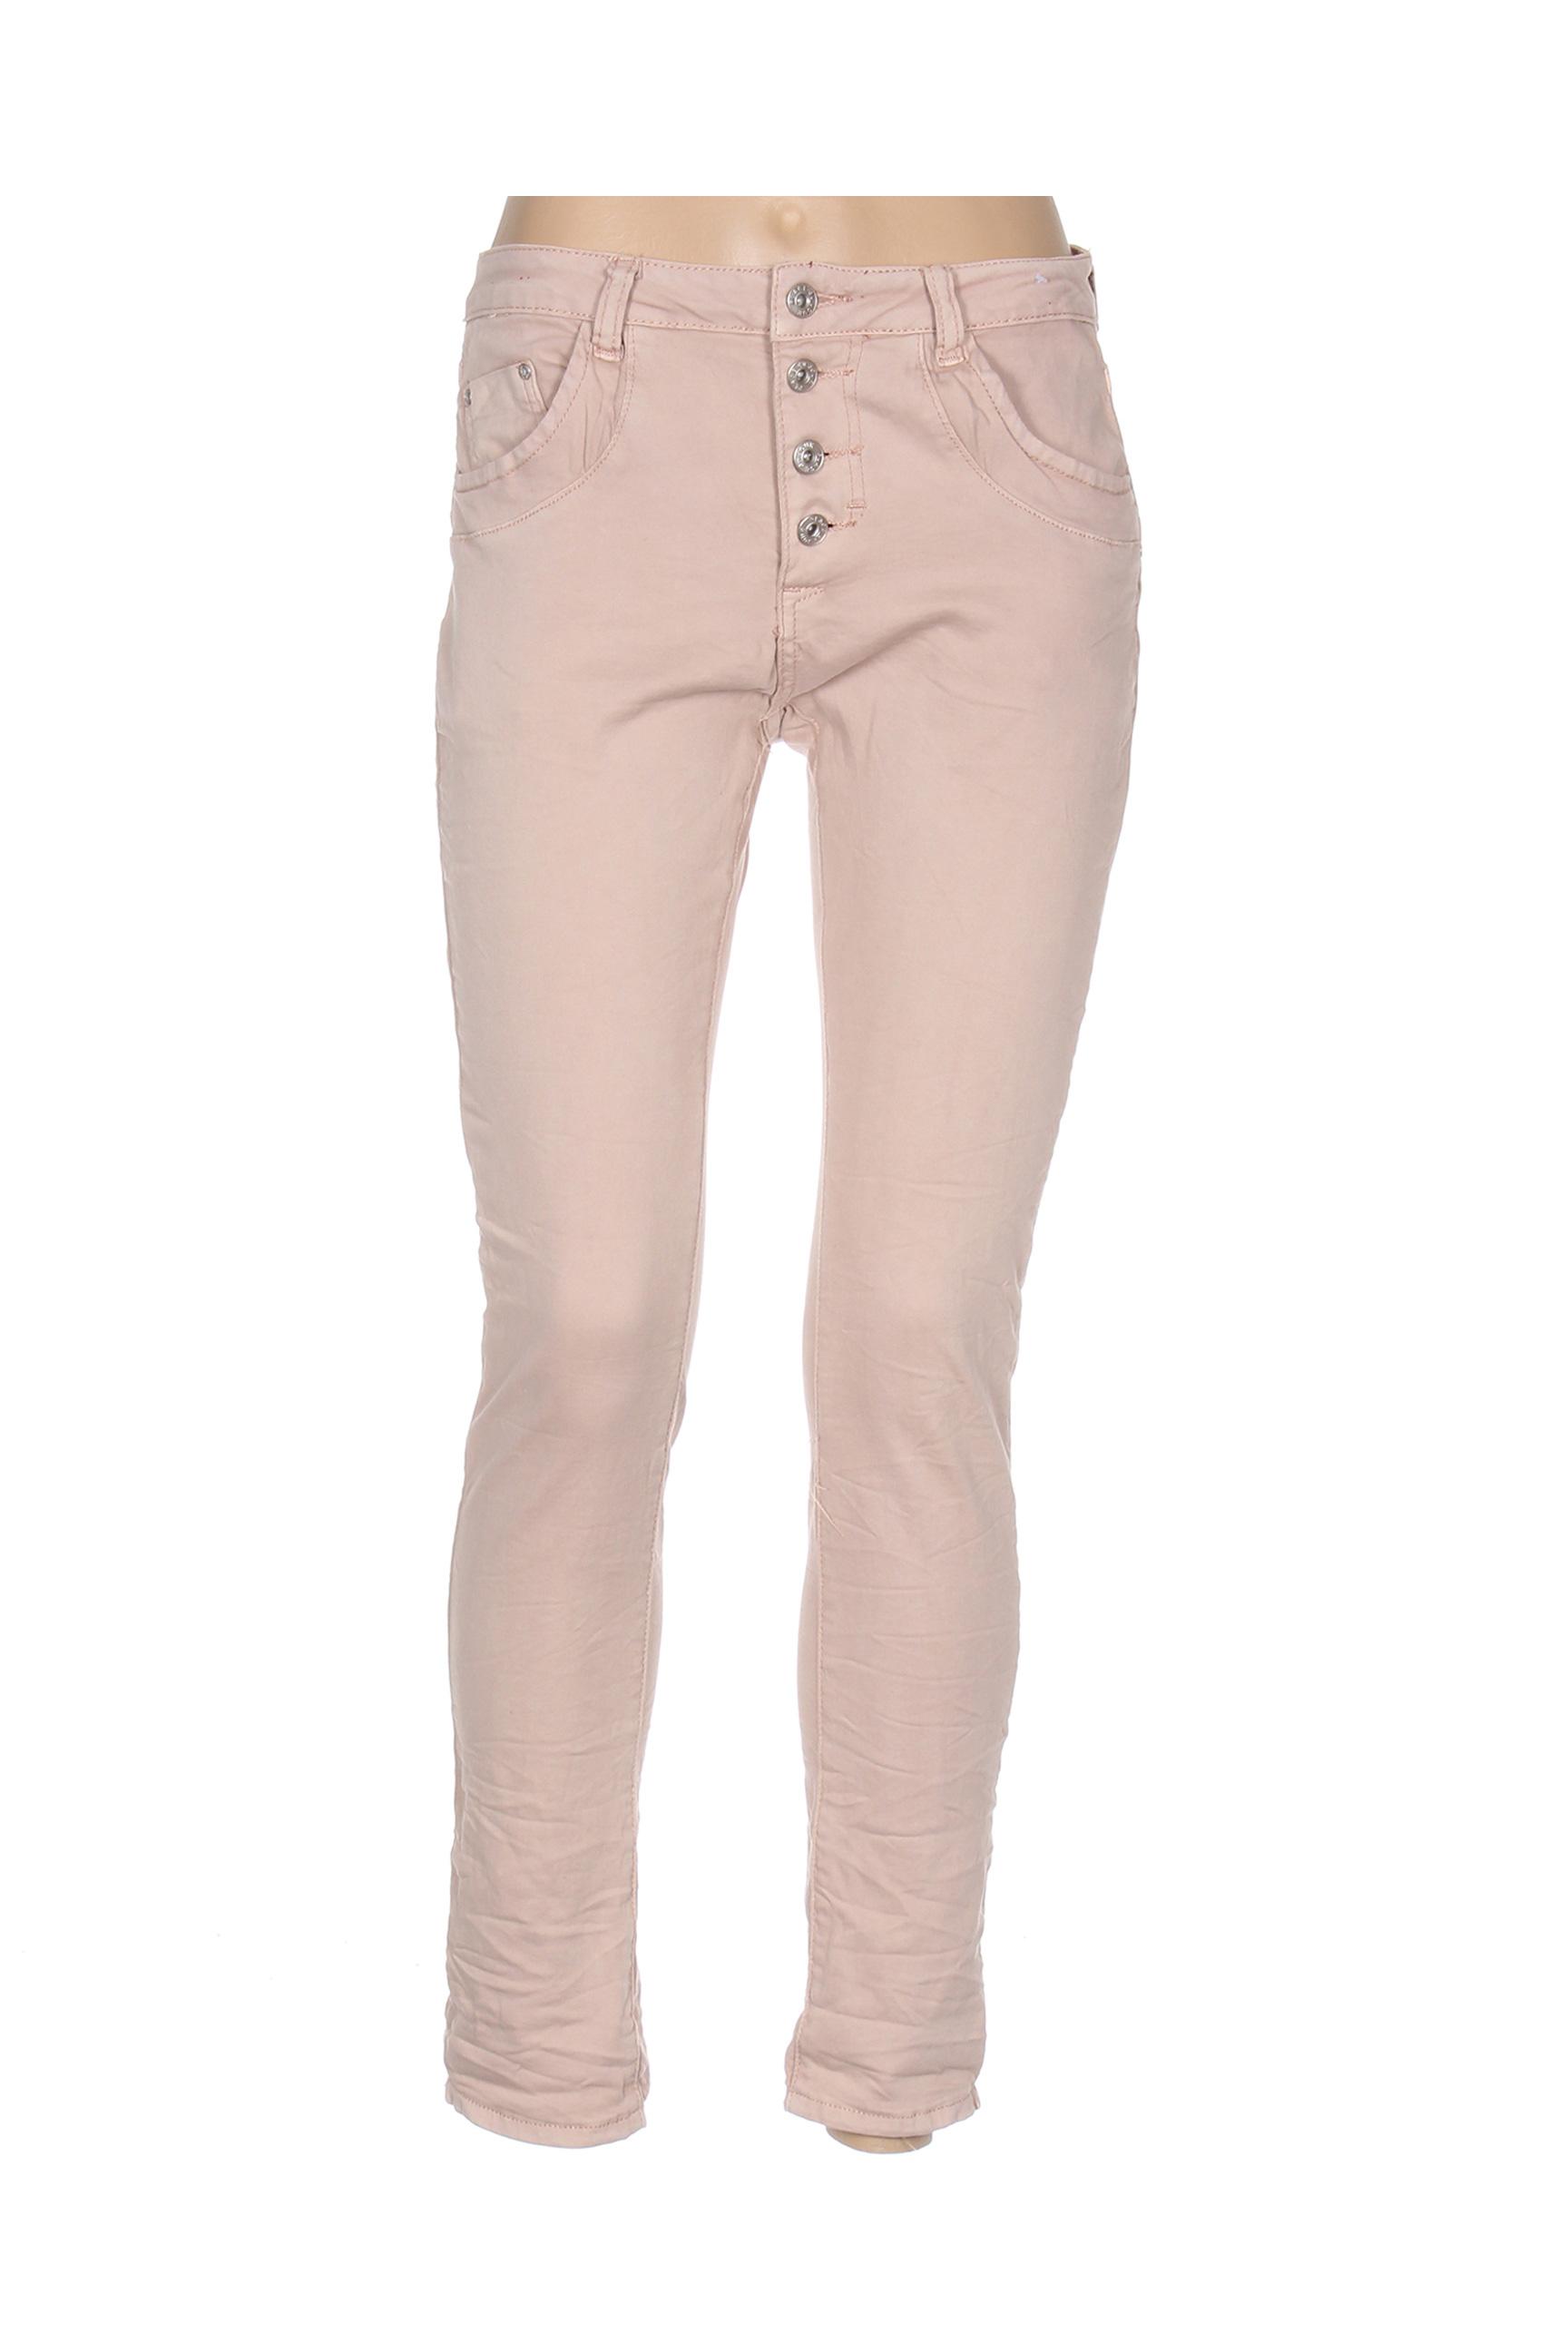 place du jour pantalons decontractes femme de couleur rose en soldes pas cher 1354829 rose00 modz